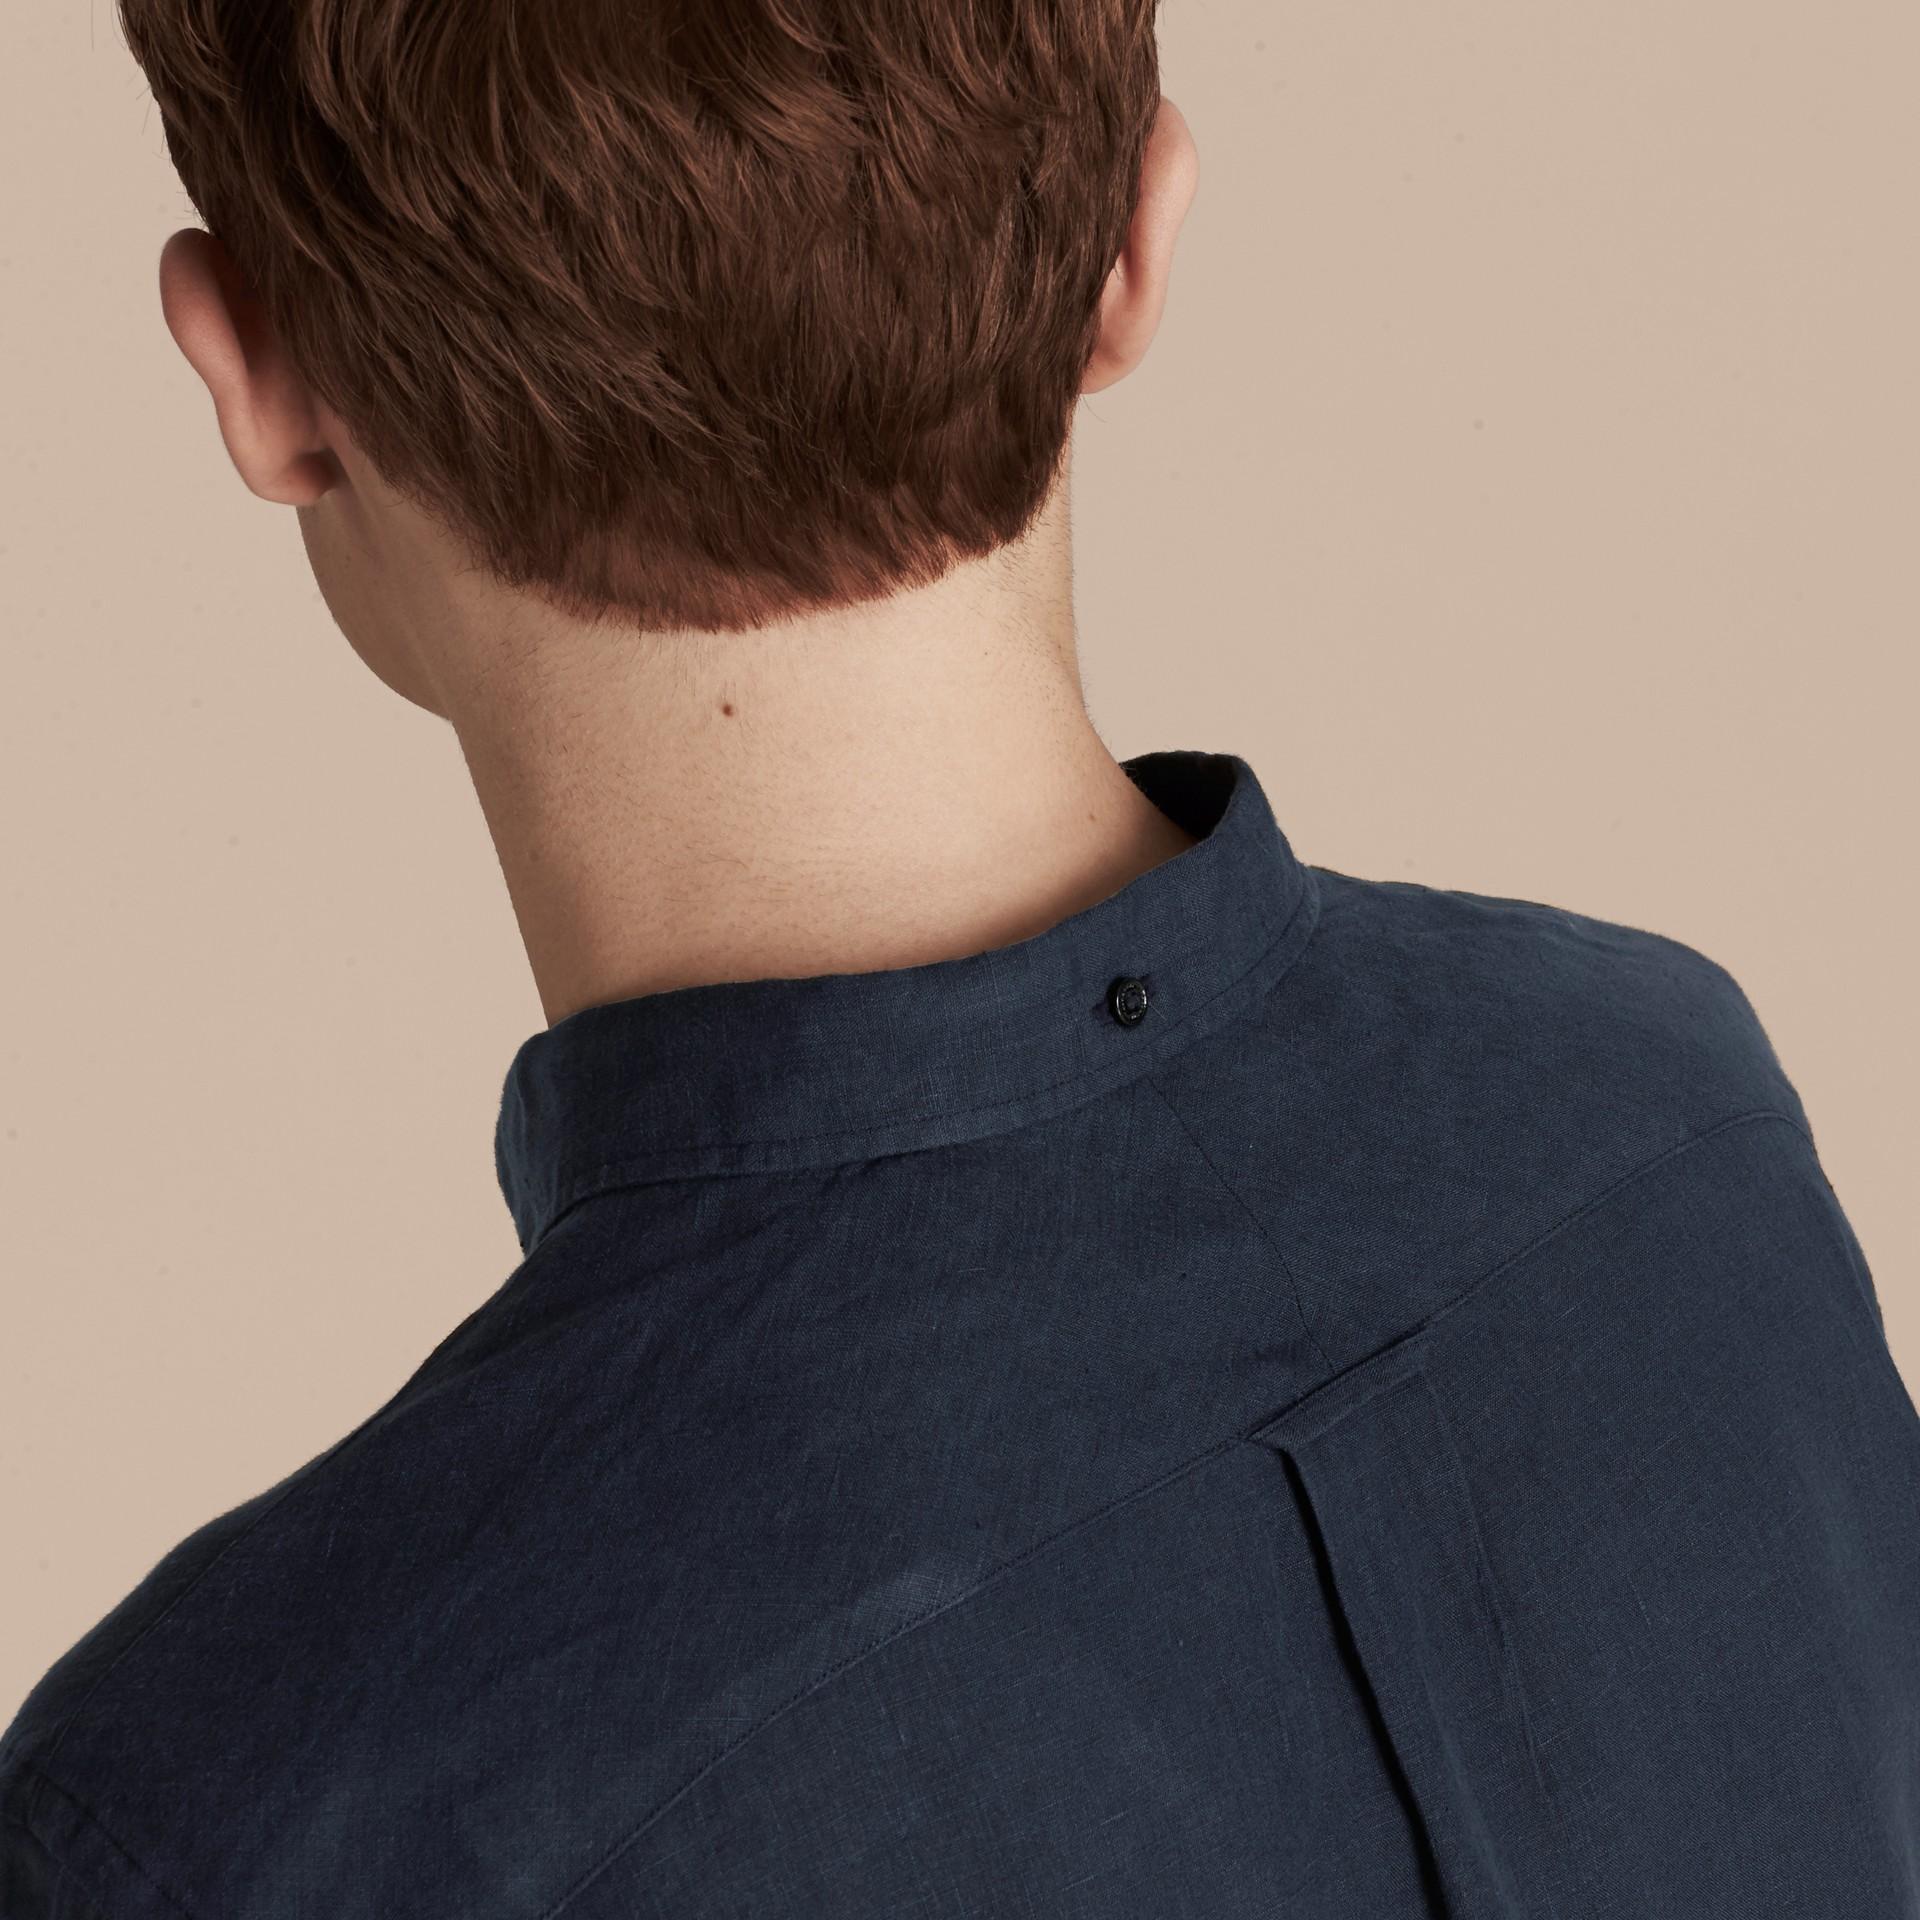 Синий Рубашка с воротником на пуговицах Синий - изображение 4